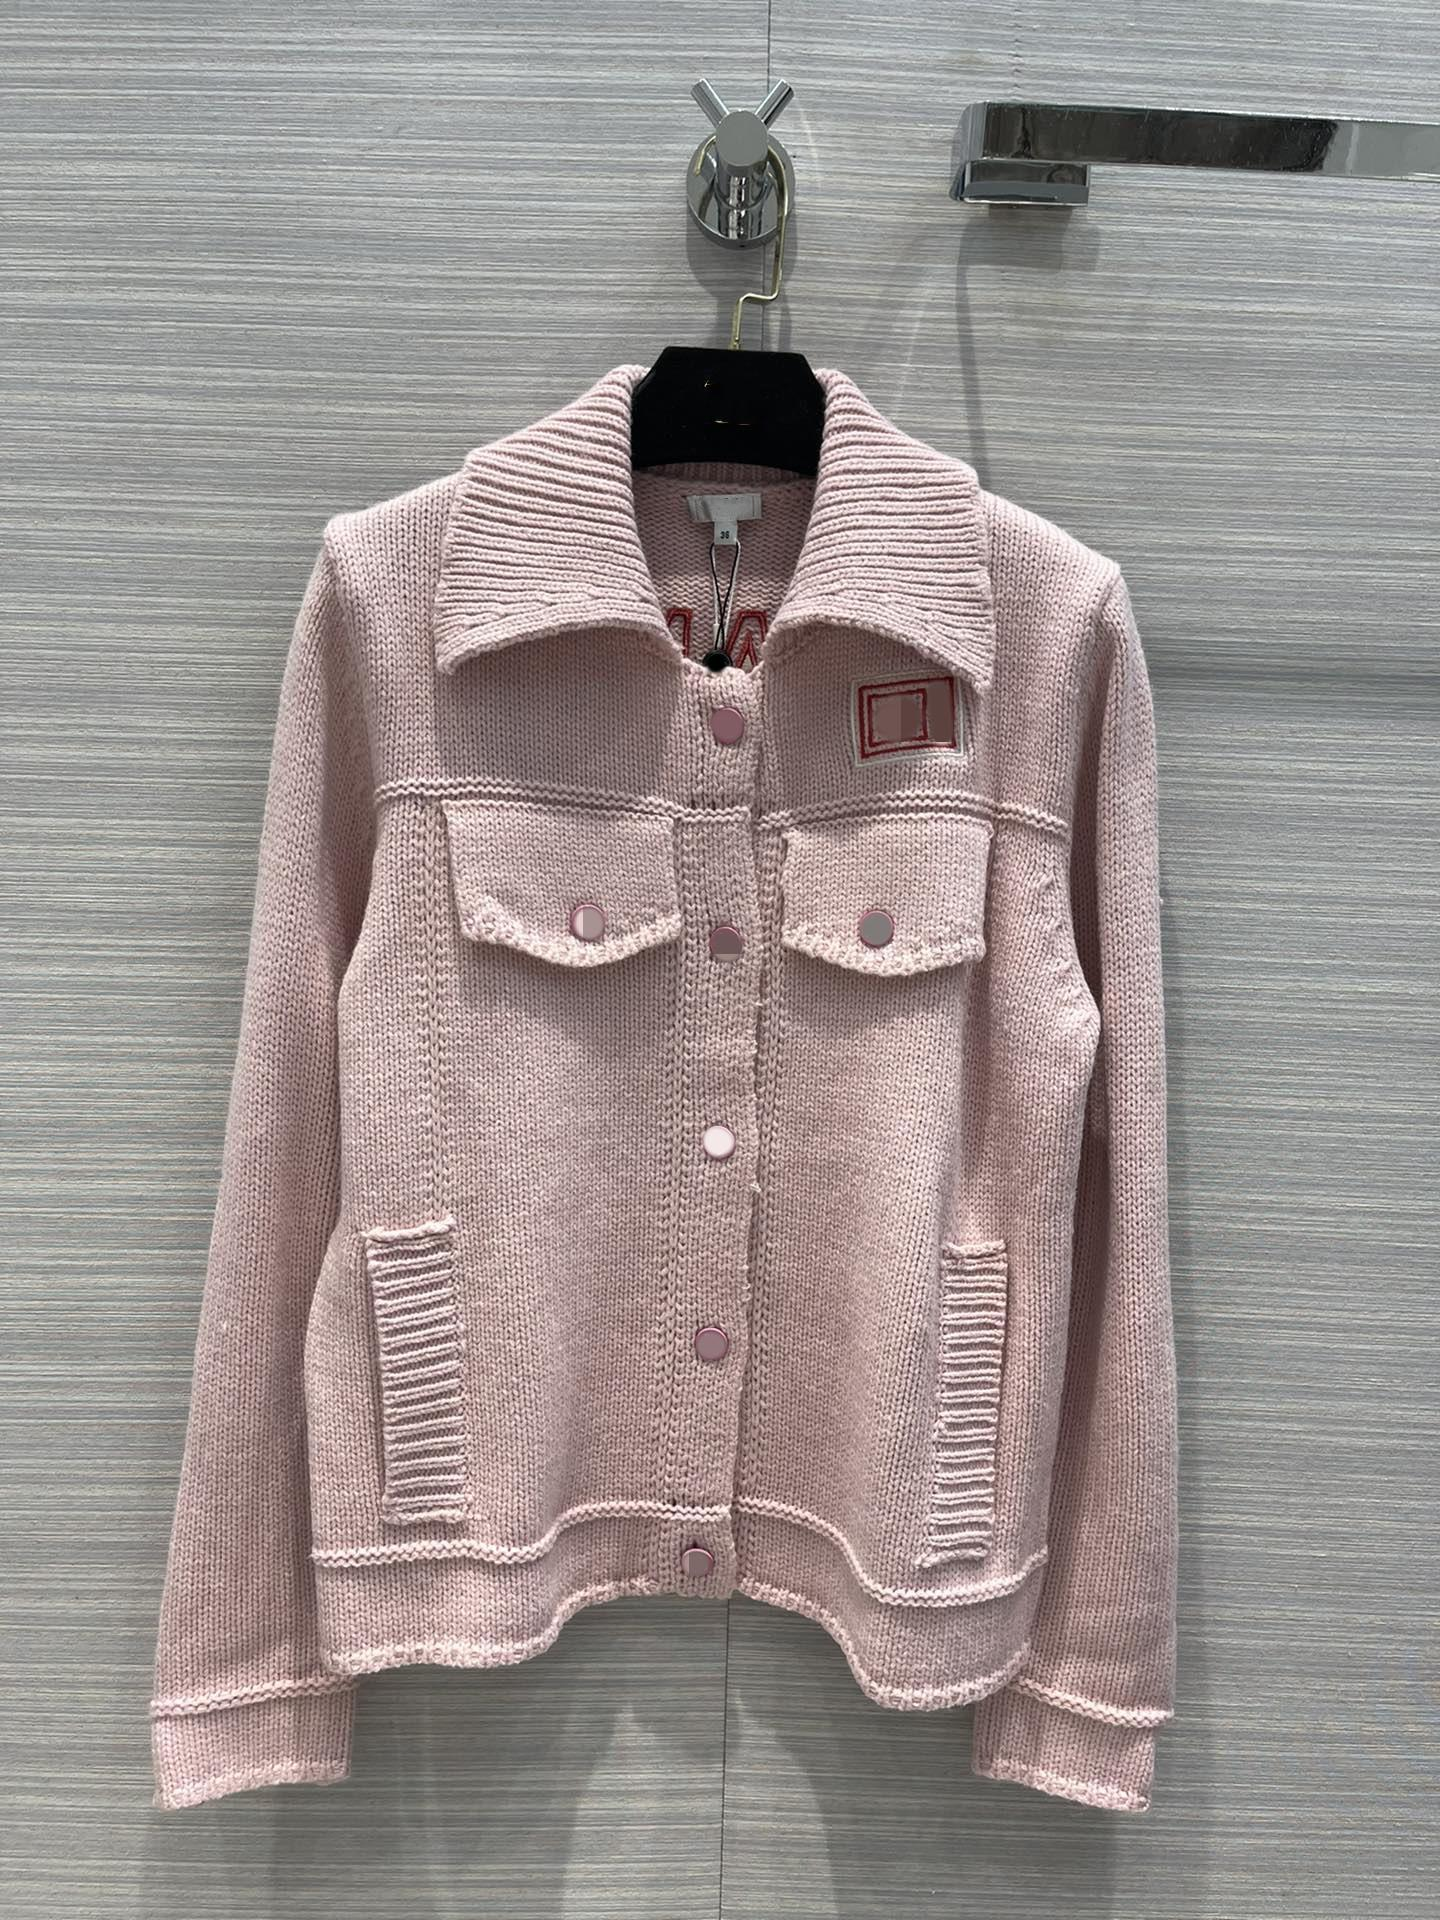 Milan Pist Ceketler 2021 Sonbahar Kış Yaka Boyun Uzun Kollu Nakış kadın Tasarımcı Mont Marka Aynı Stil Giyim 0918-2